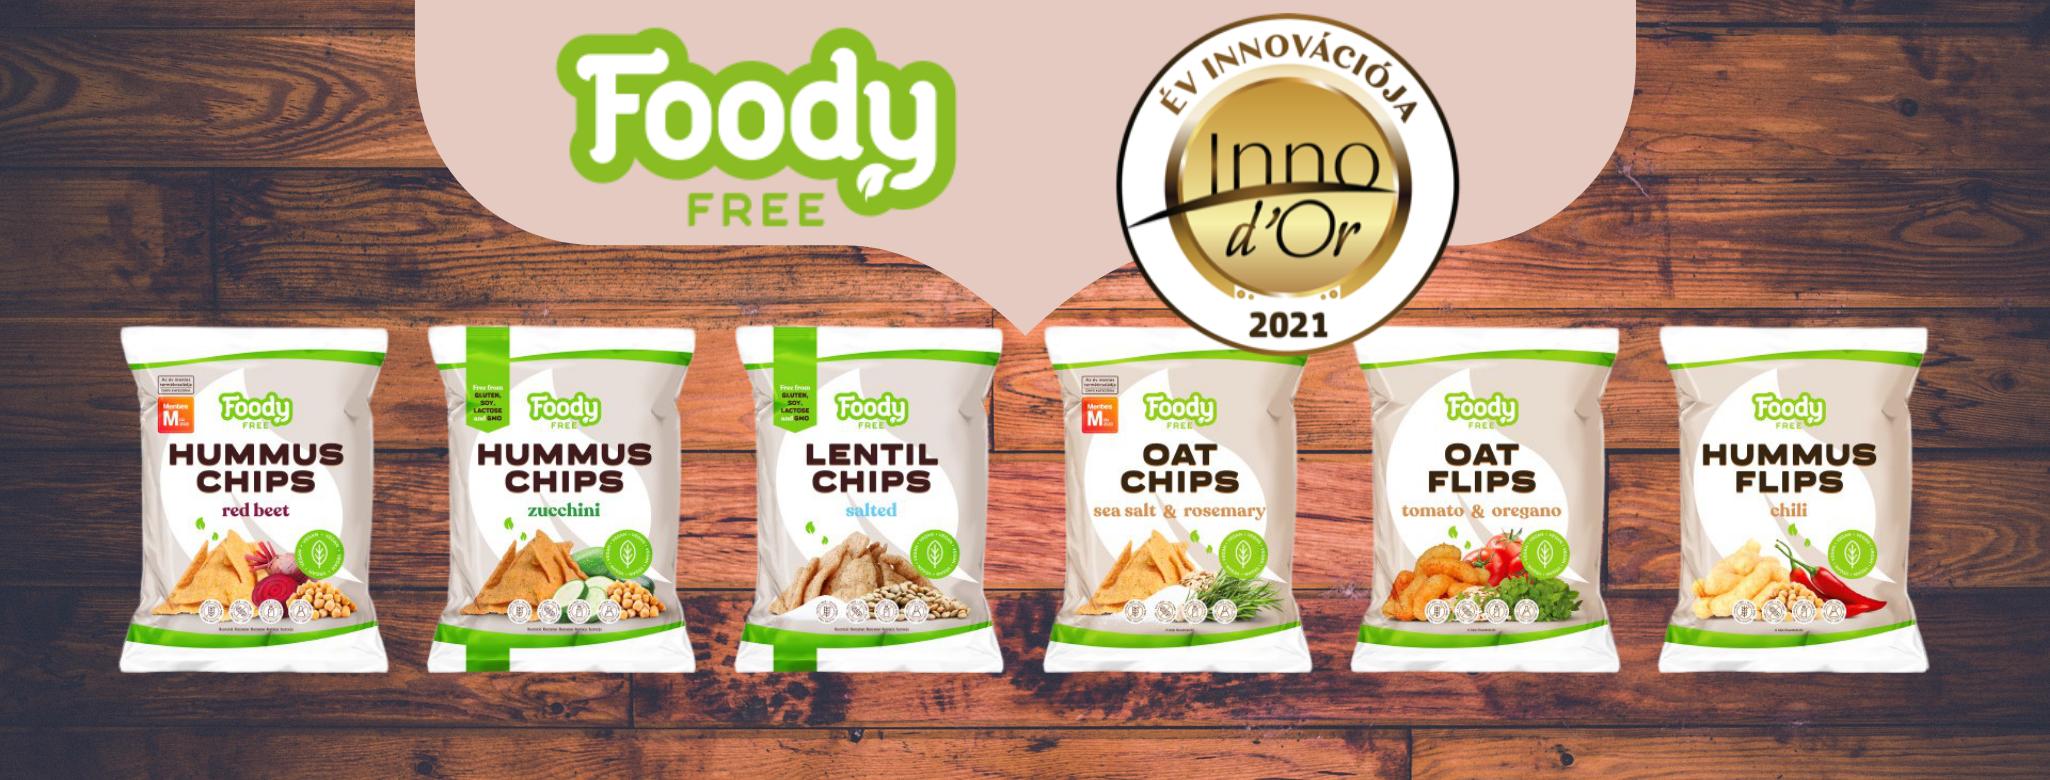 foody free innovációs díj